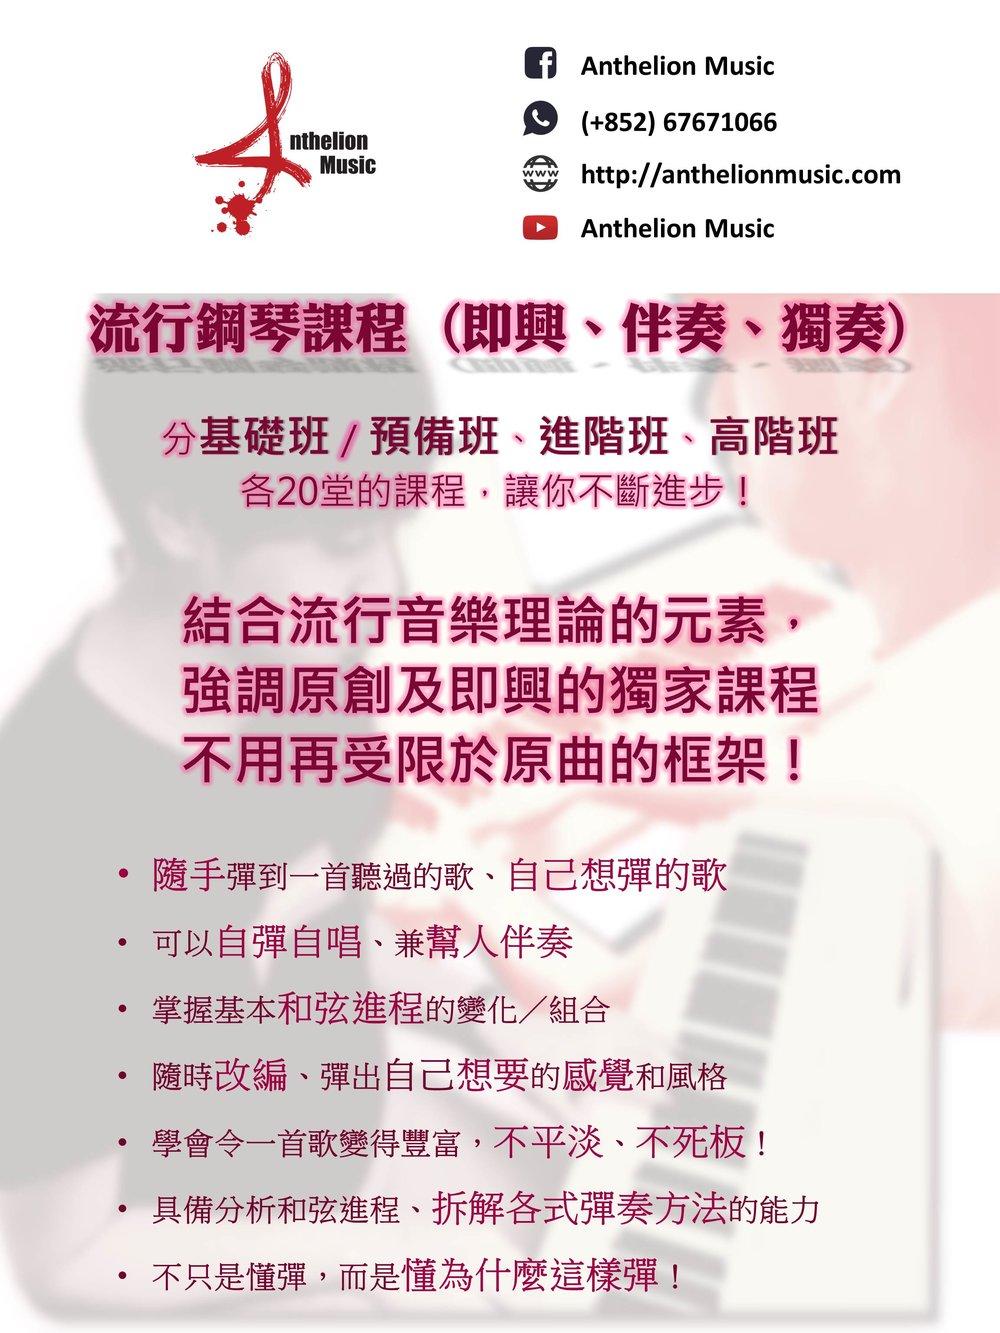 流行鋼琴 宣傳4 NewNew on 28.7 FC (ver2).jpg